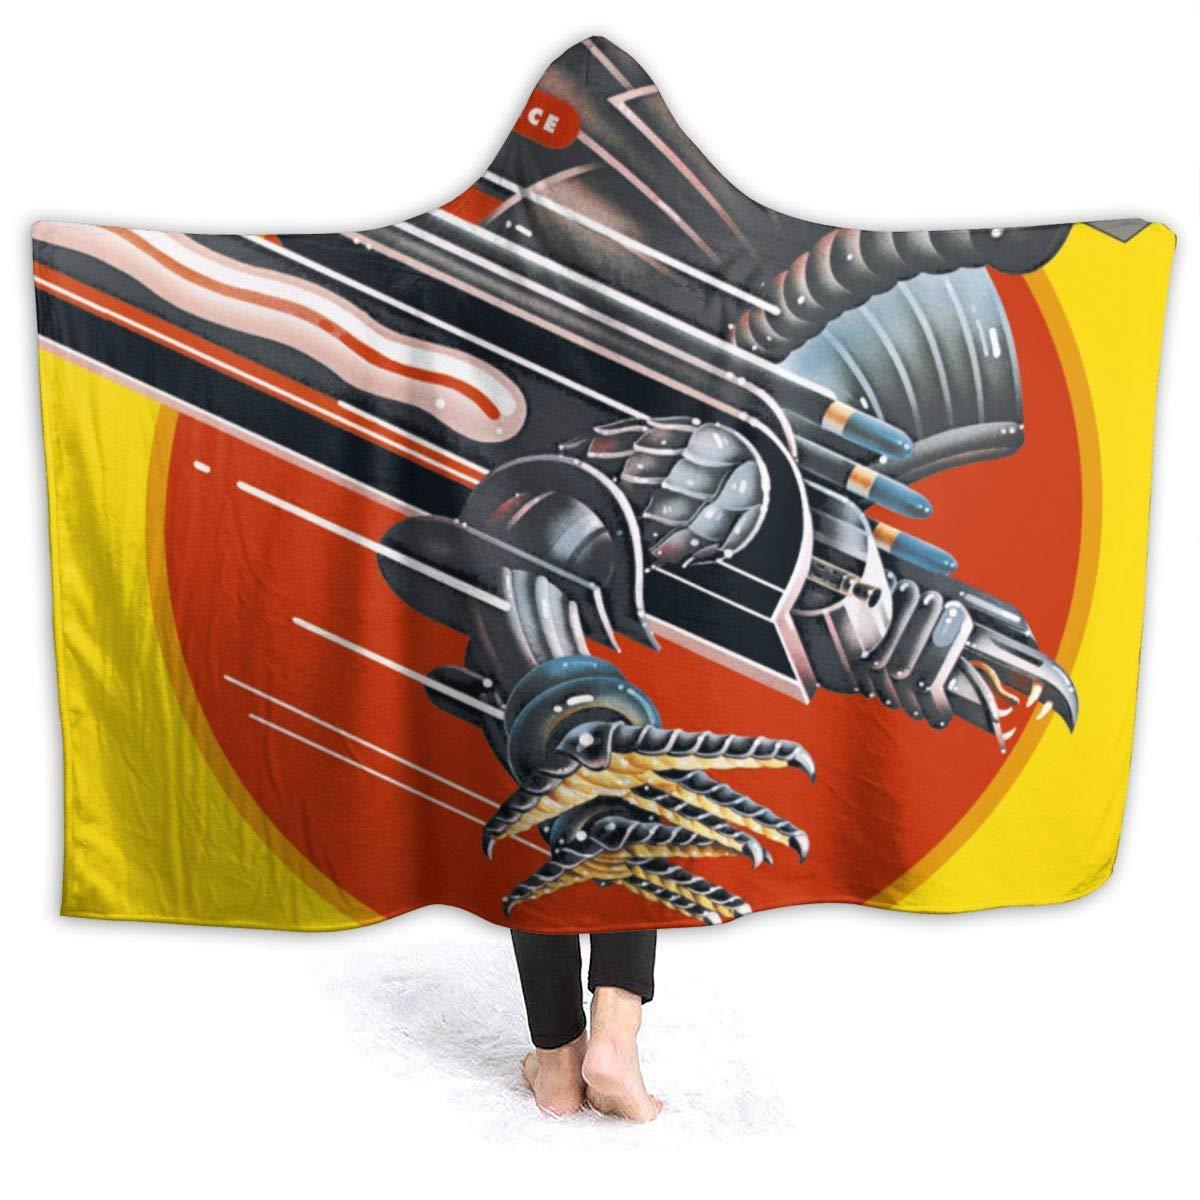 SNTEER Blanket Hoodie Judas Priest Screaming Vengeanc Hooded Throw Blanket Soft Cloak Shawl Wrap for Adult and Kids